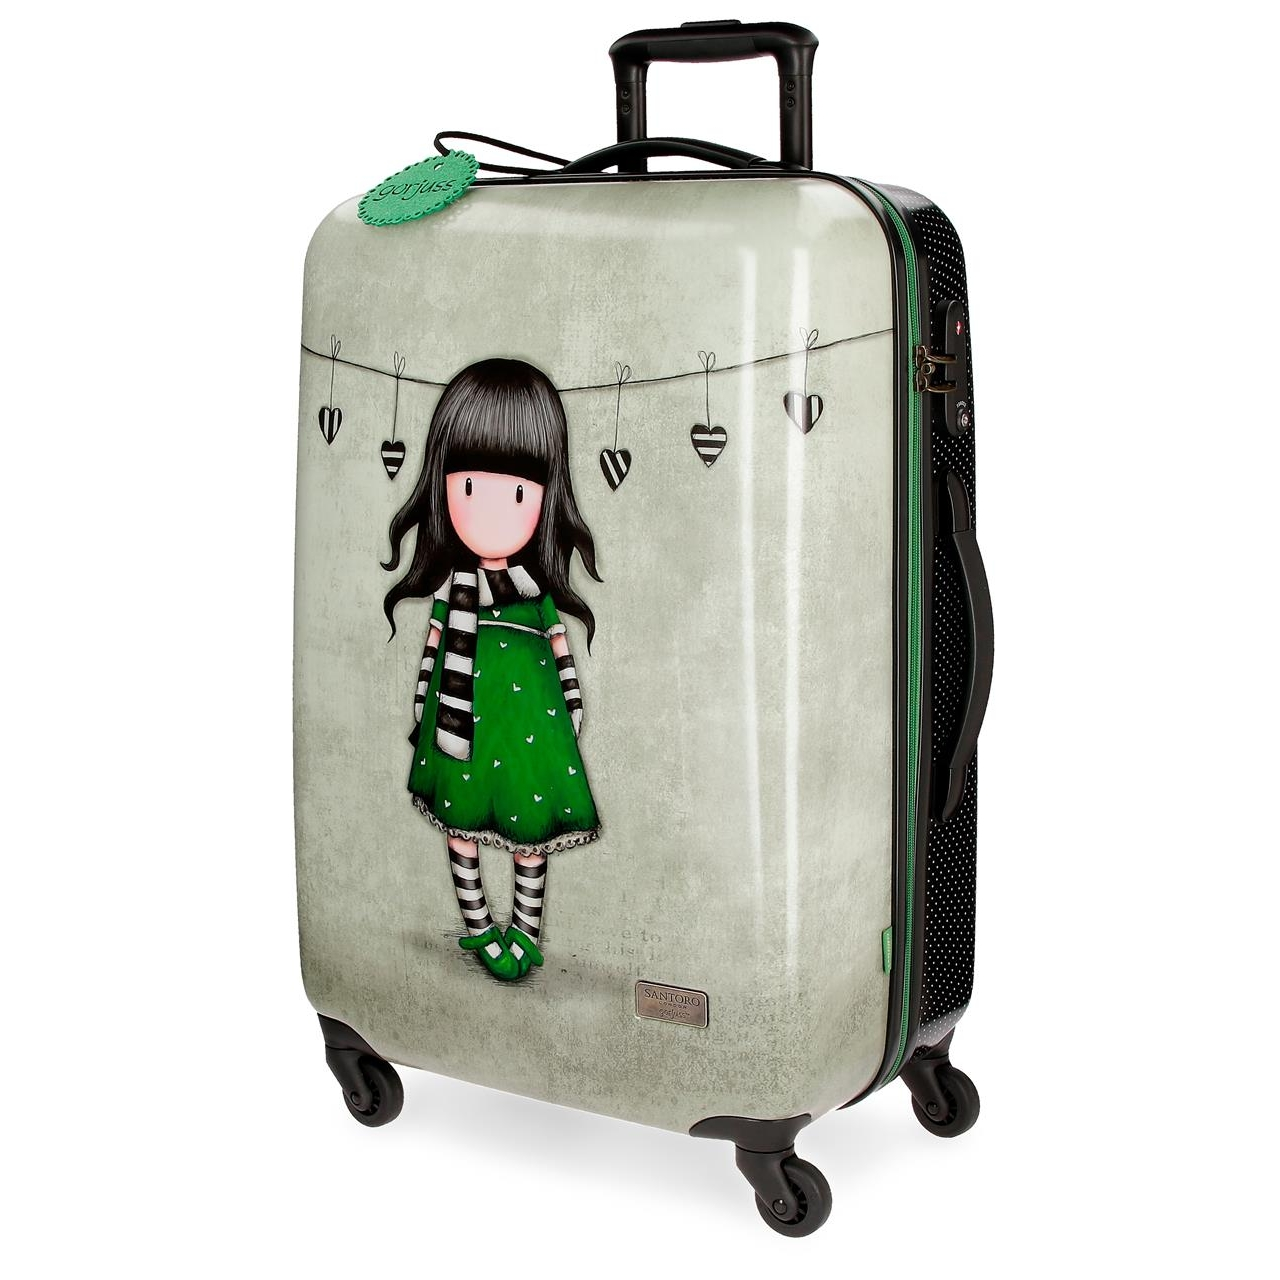 Santoro London - Cestovní kufr na kolečkách 64l - Gorjuss - The Scarf - 45x67x26 cm